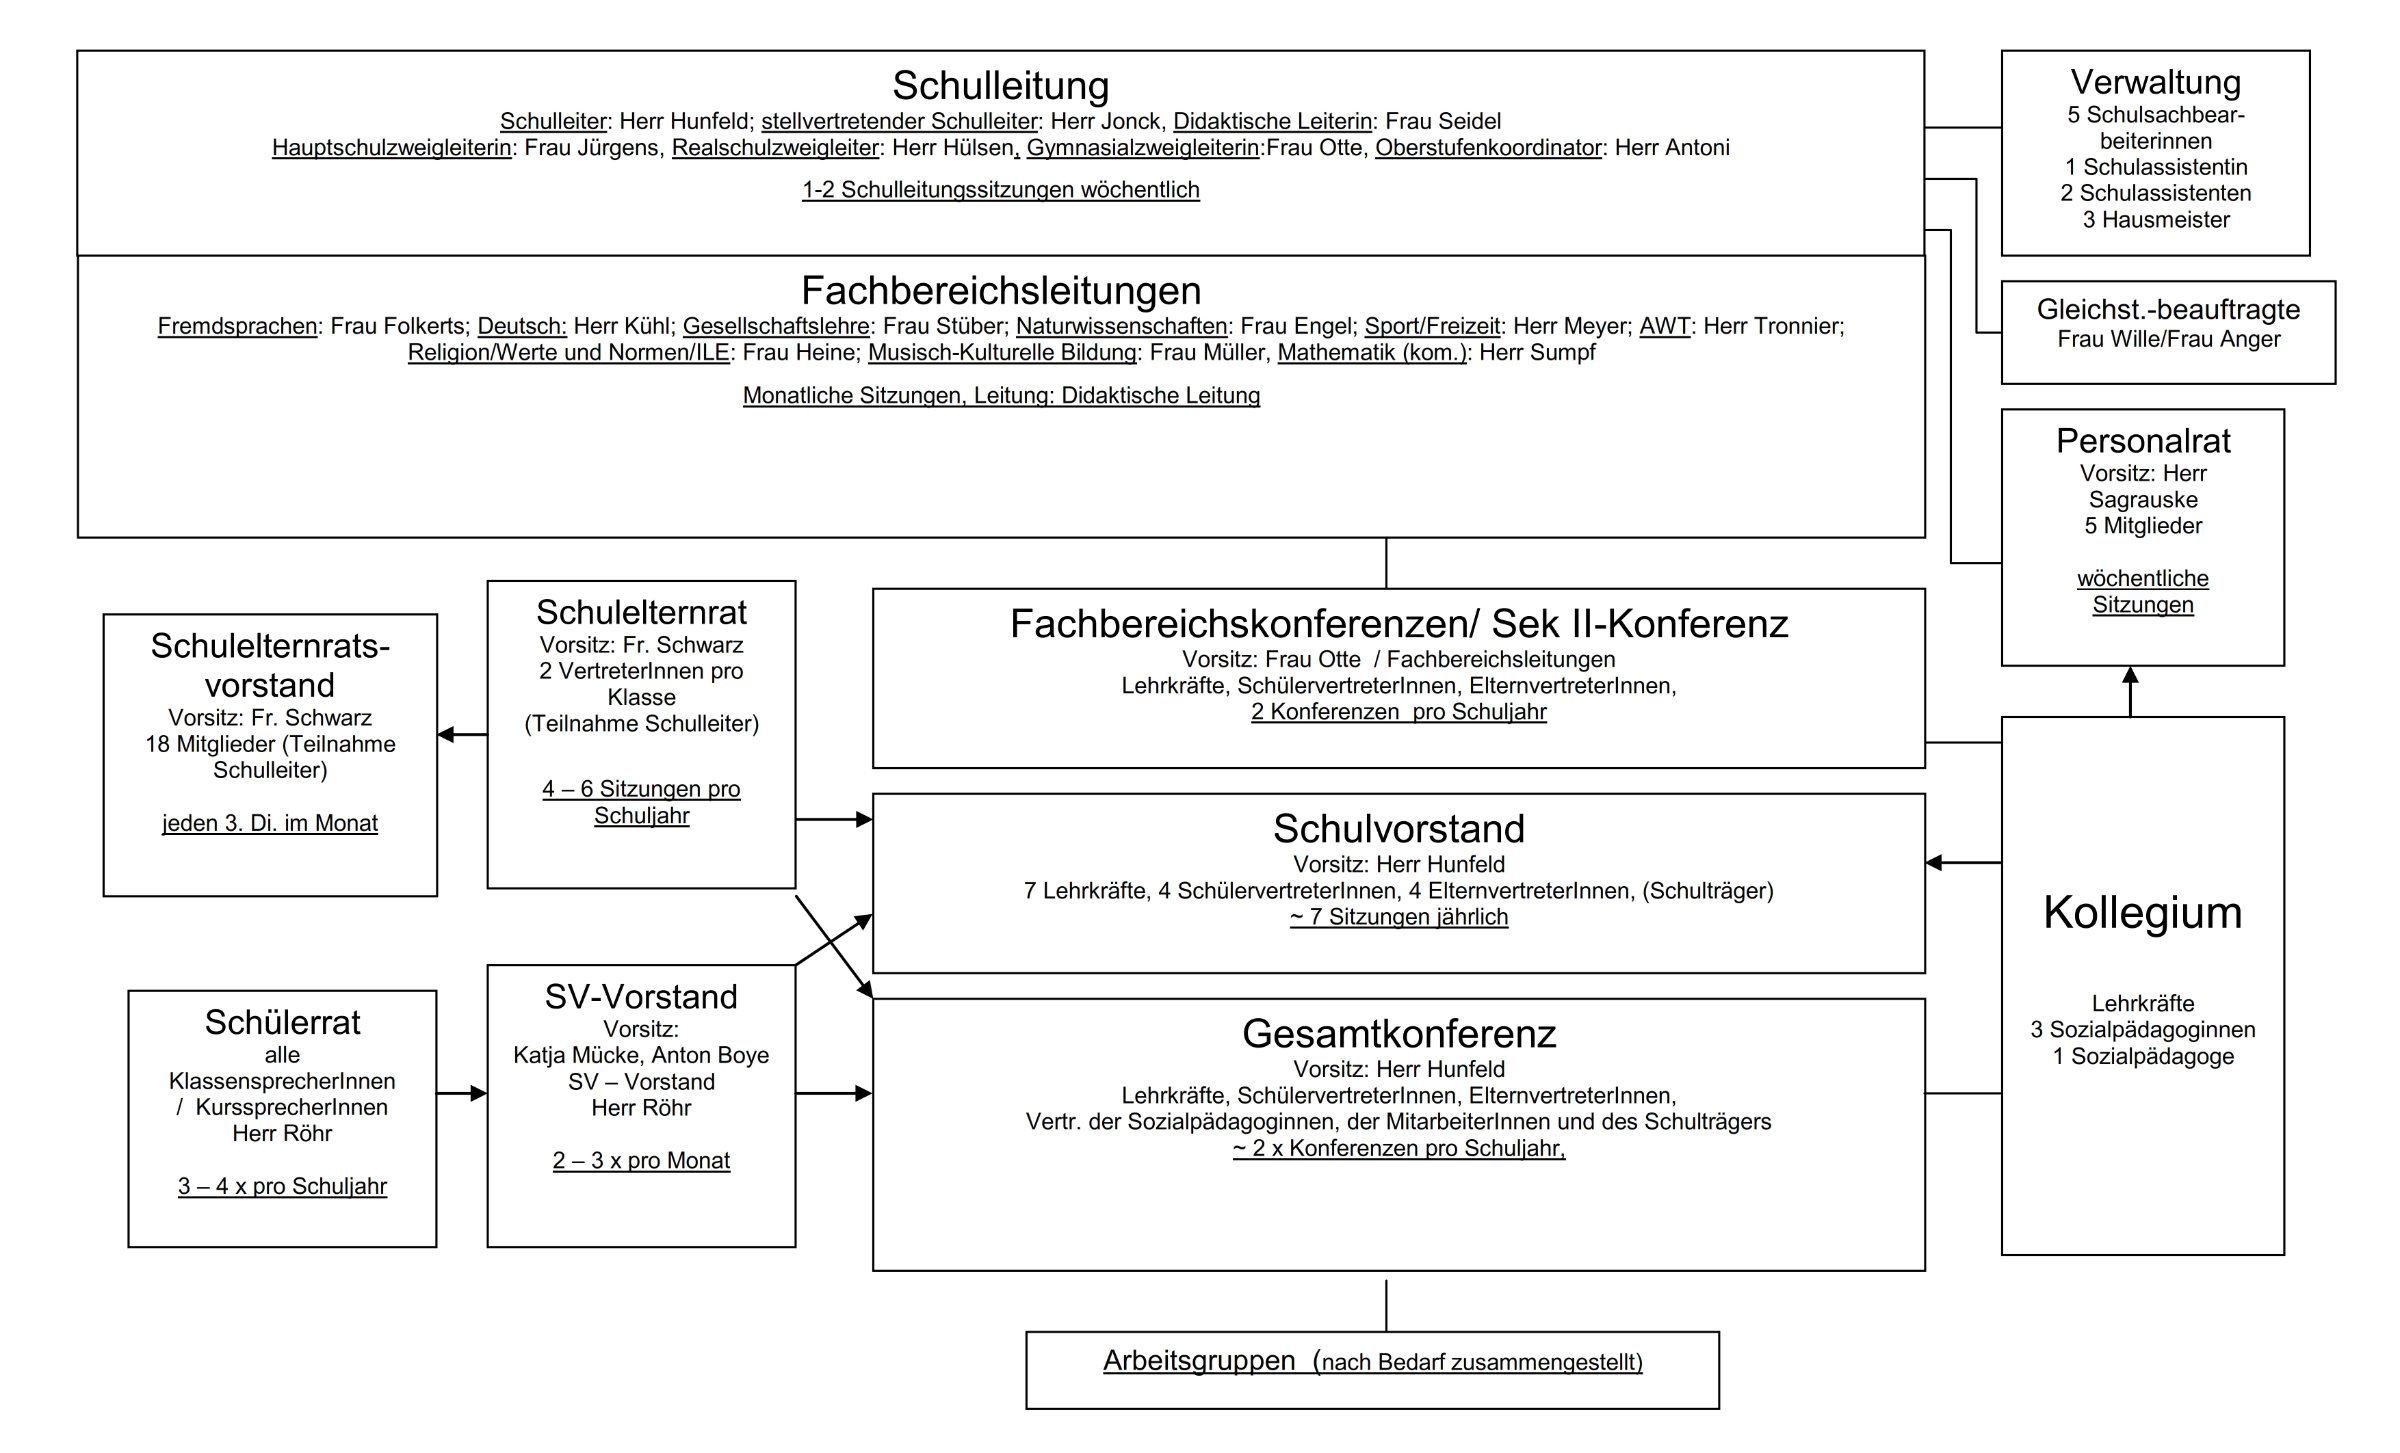 Schaubild der Gremienstruktur der KGS Neustadt